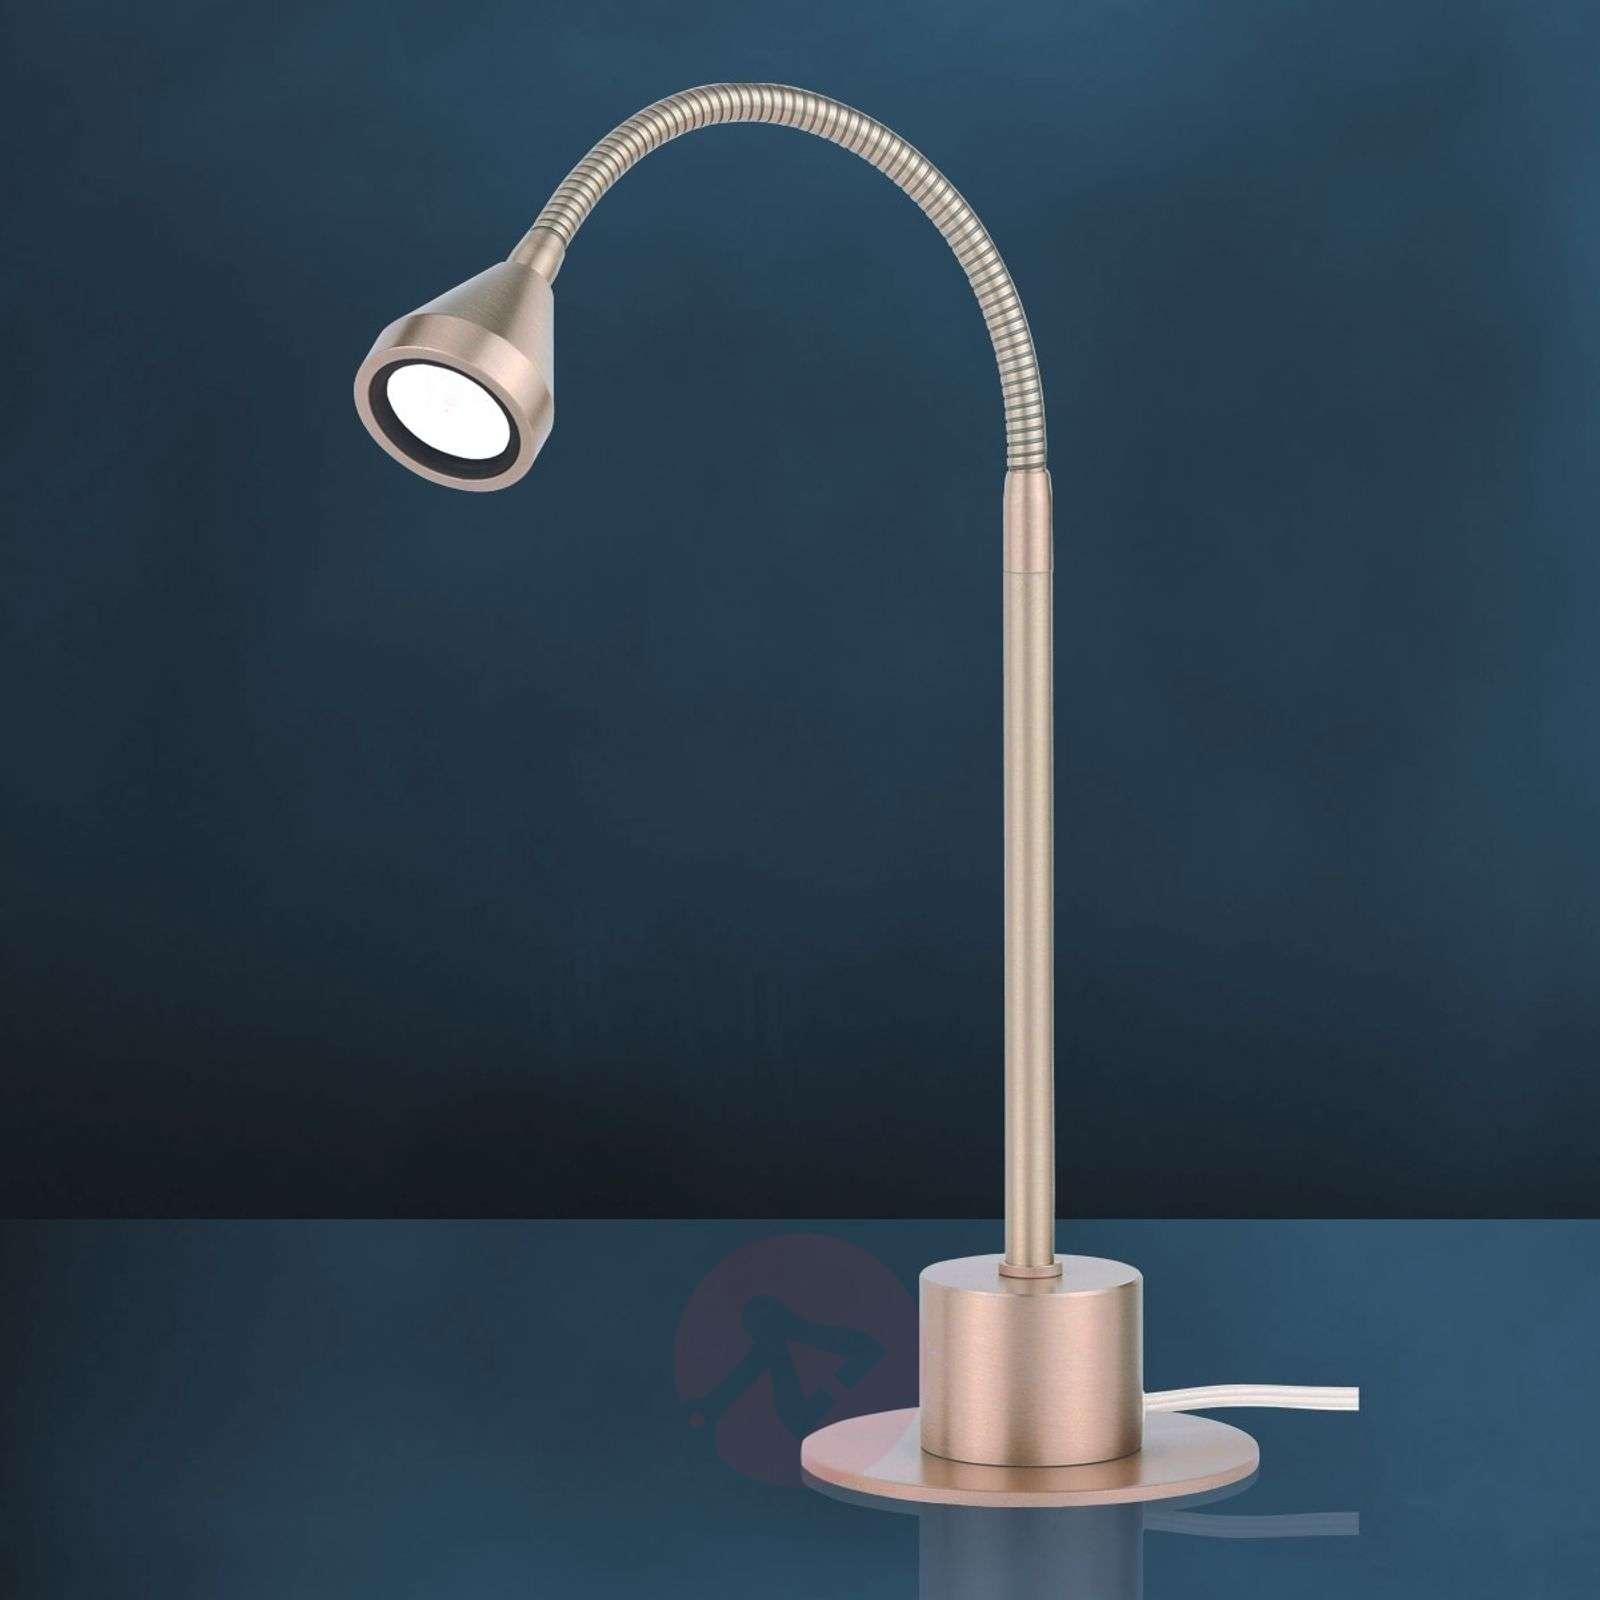 LED table lamp MINI, flexible arm, cool white_1524037_1